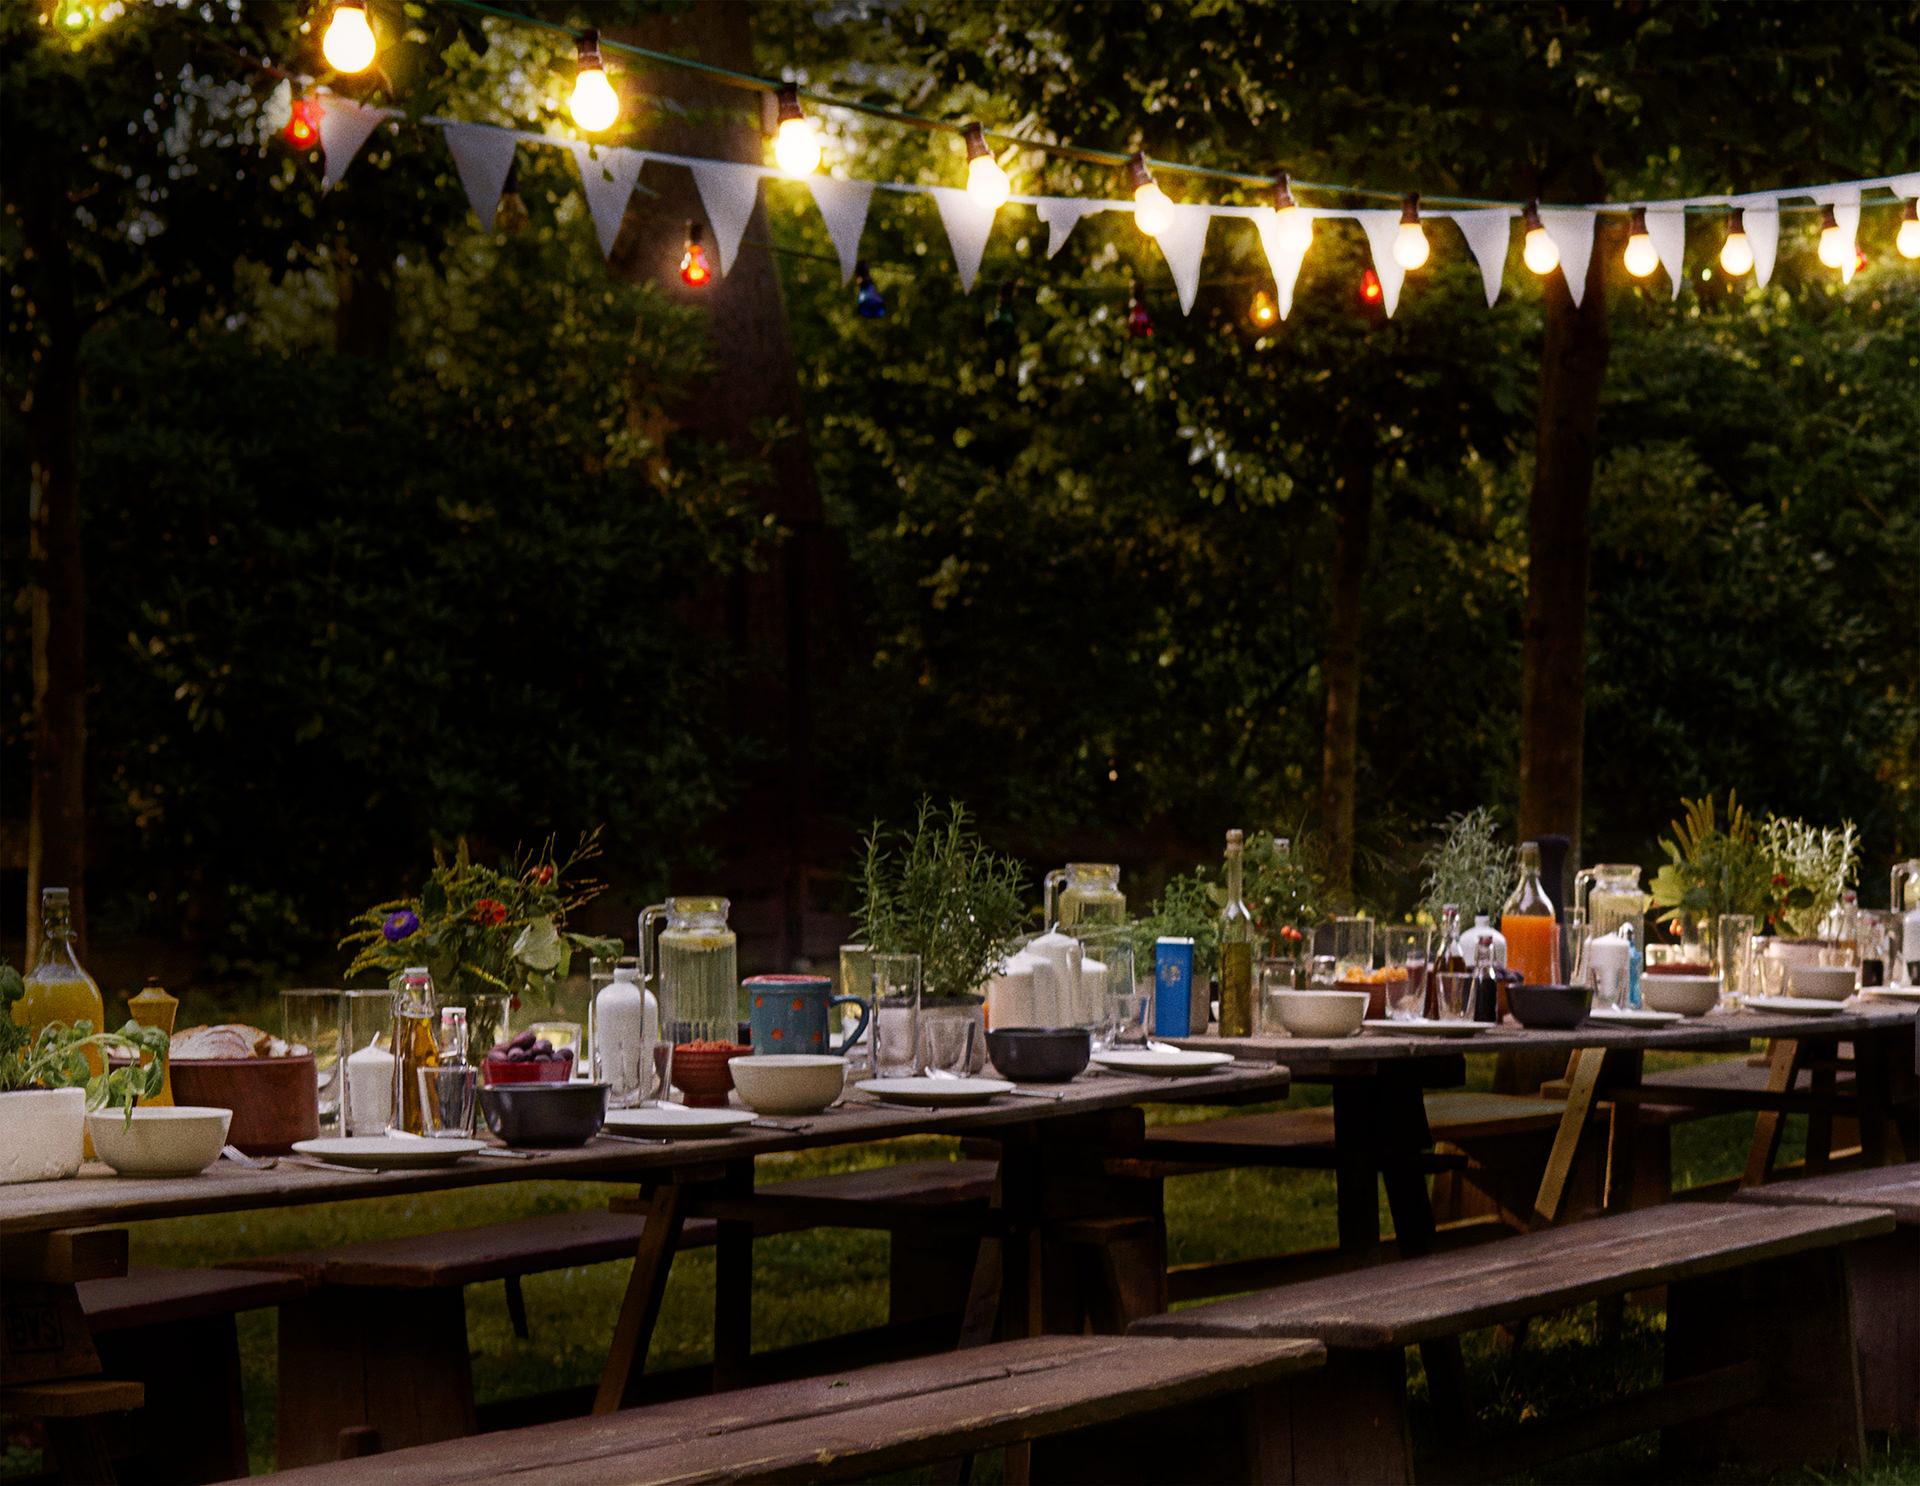 grillen-nacht-tafel-girlanden